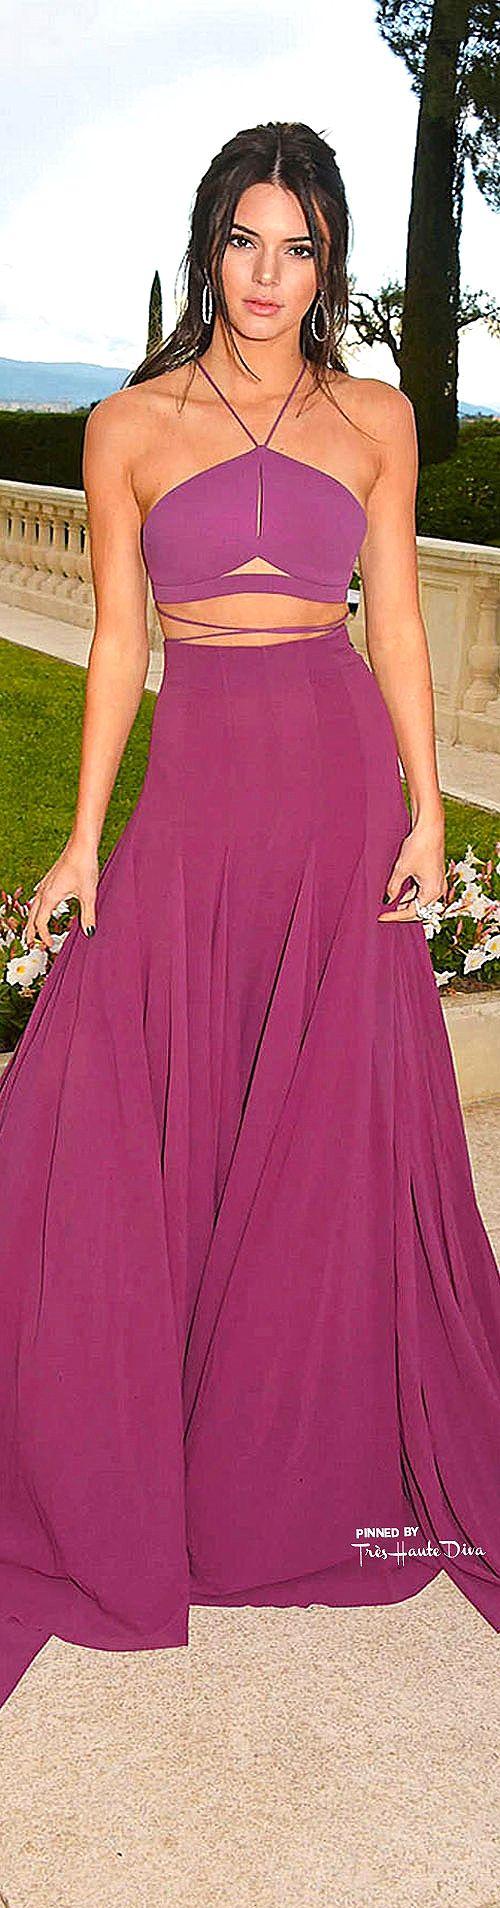 Famoso Kendall Jenner Vestido De Fiesta Inspiración - Colección de ...